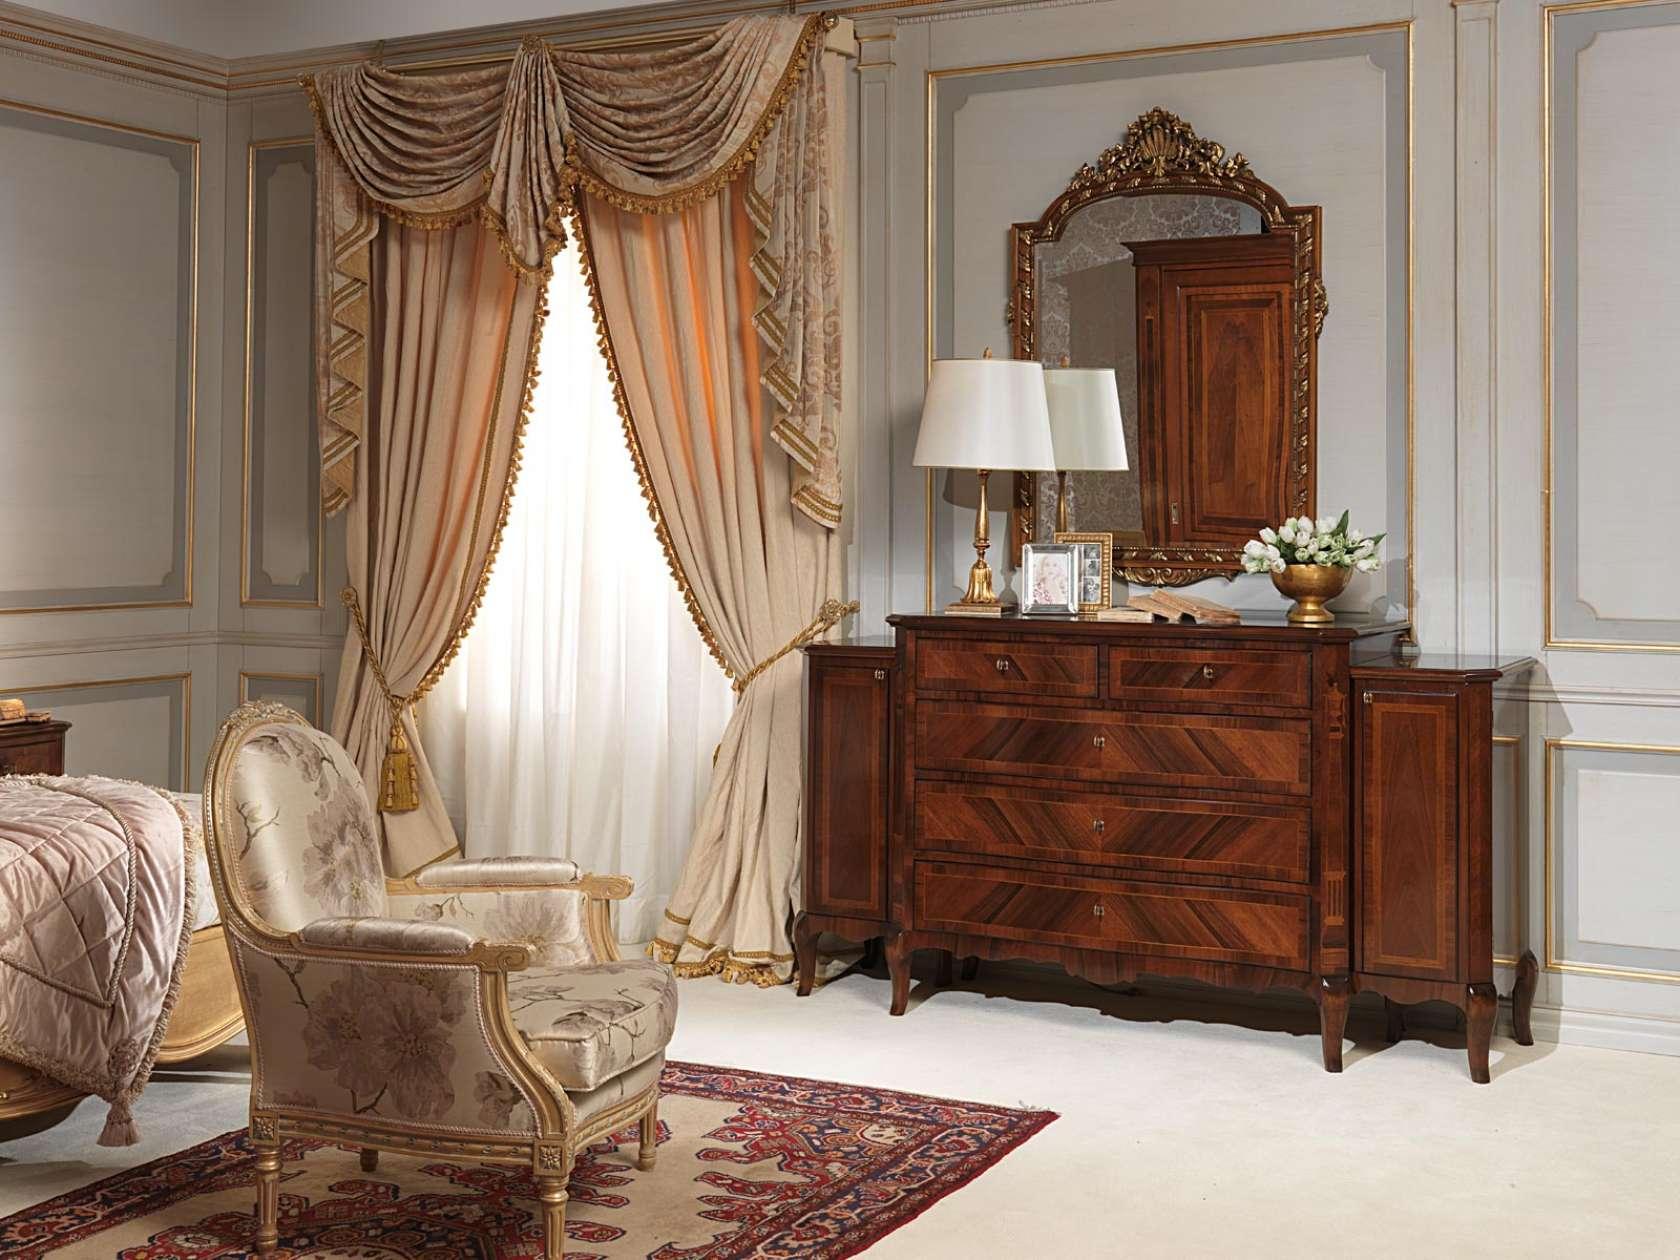 Chambre coucher classique xixe si cle fran ais commode for Commode antique avec miroir